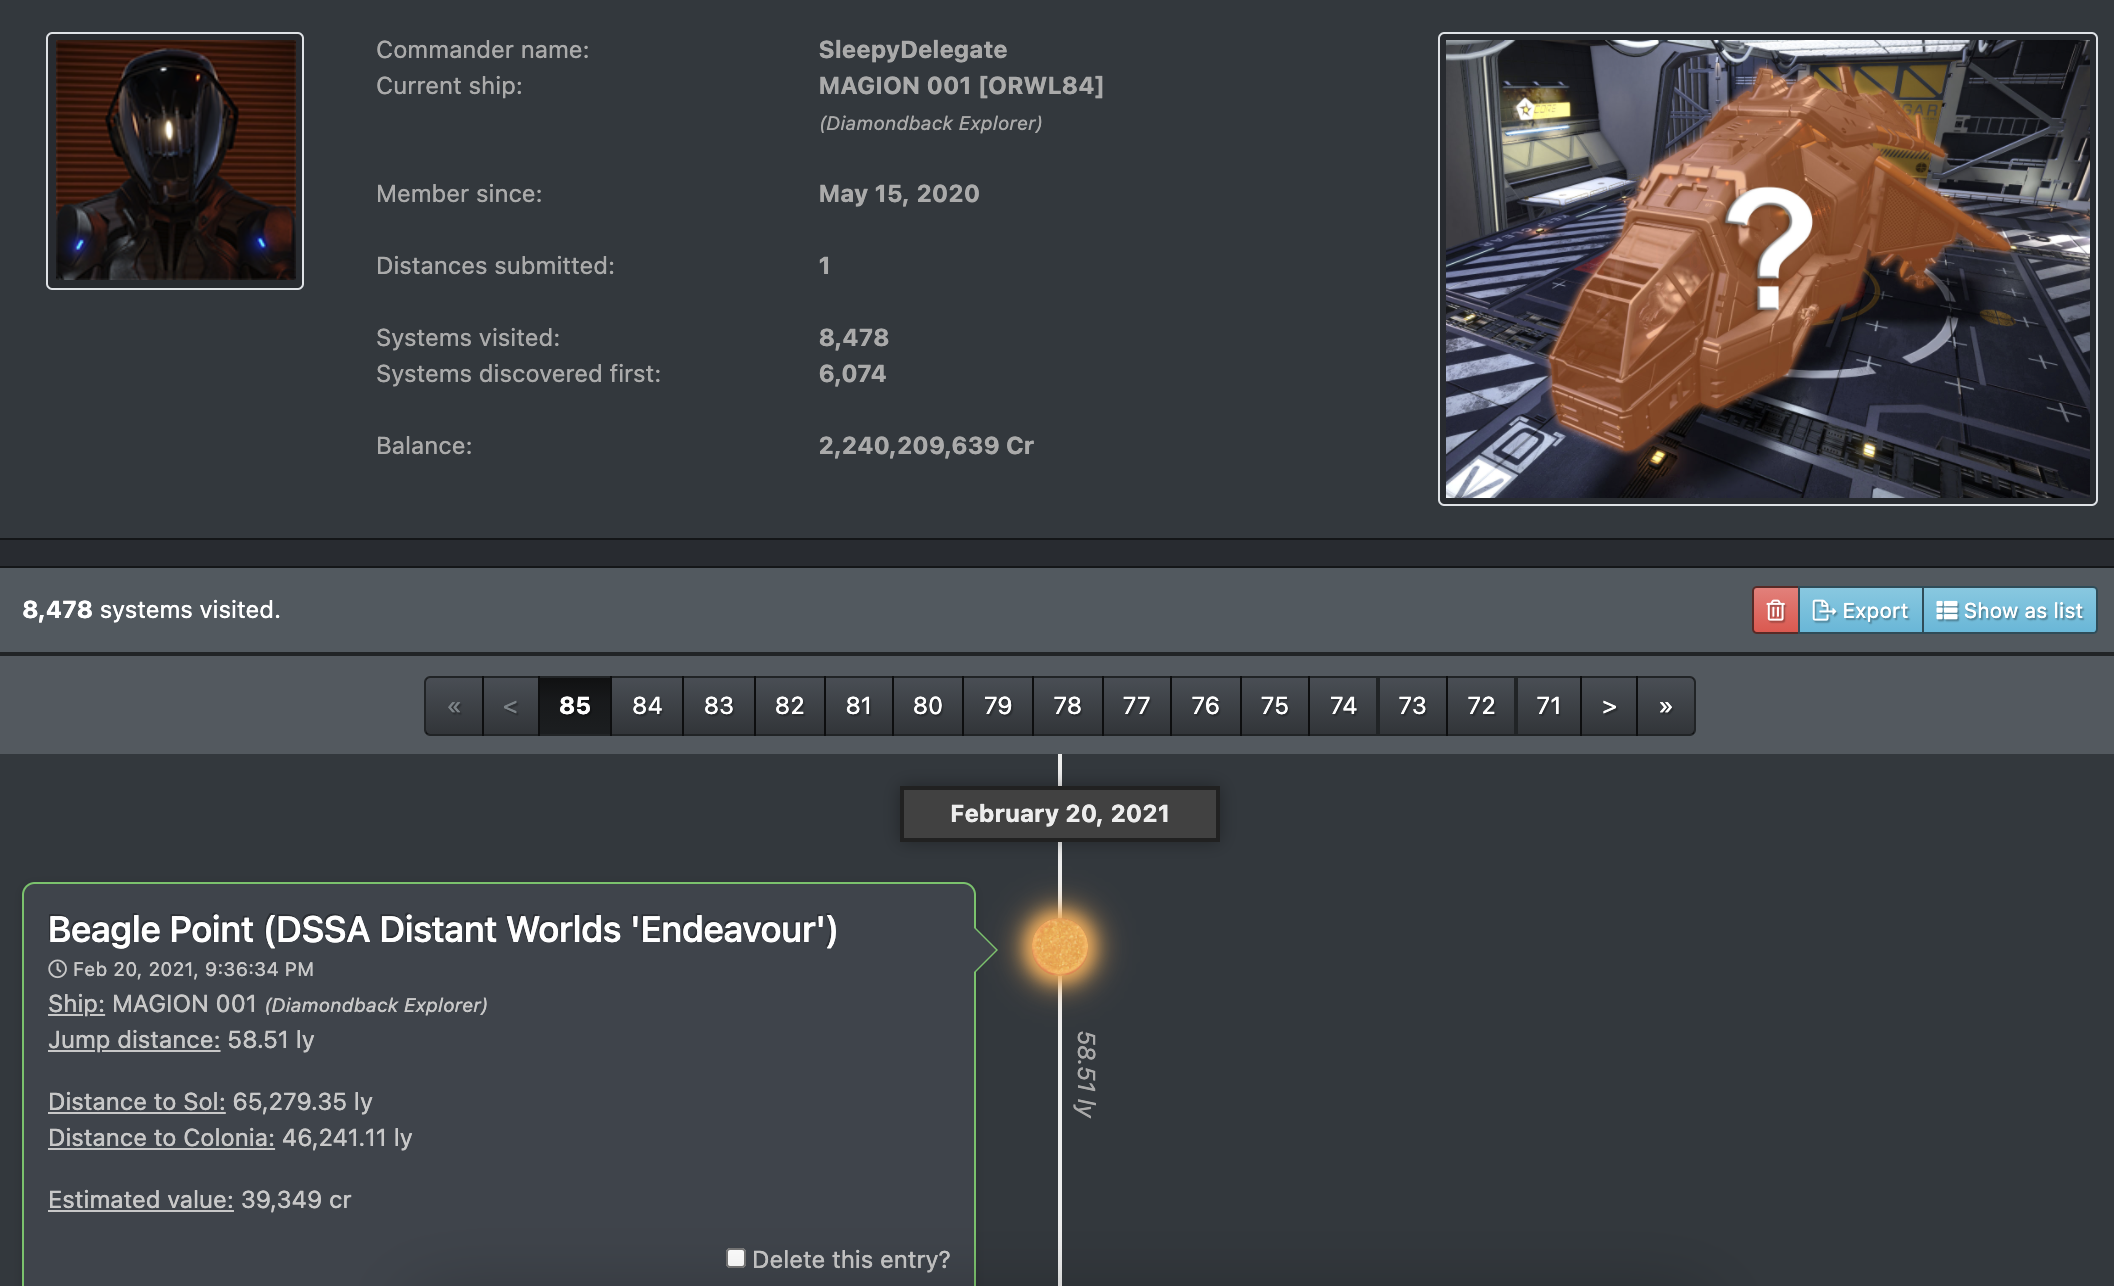 Screenshot 2021-03-05 at 17.24.58.png